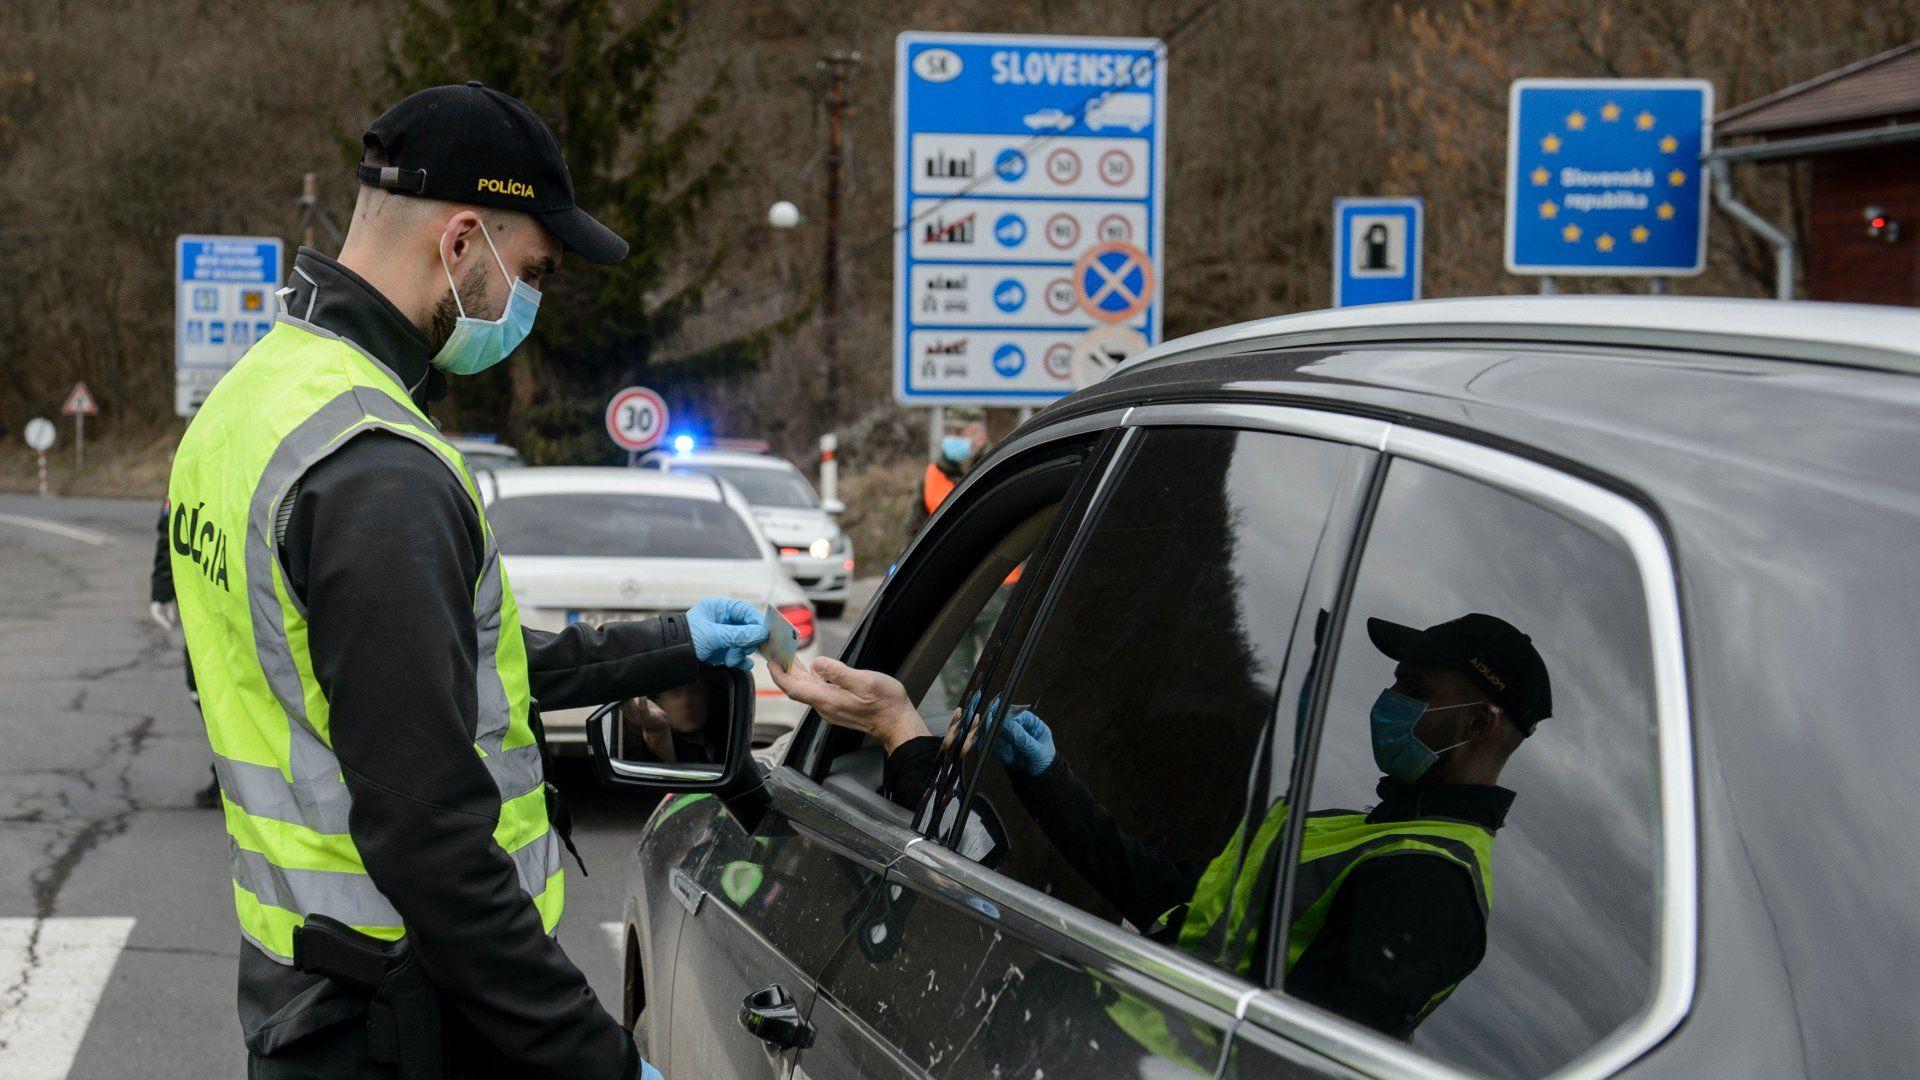 Határellenőrzés Szlovákiában a koronavírus miatt